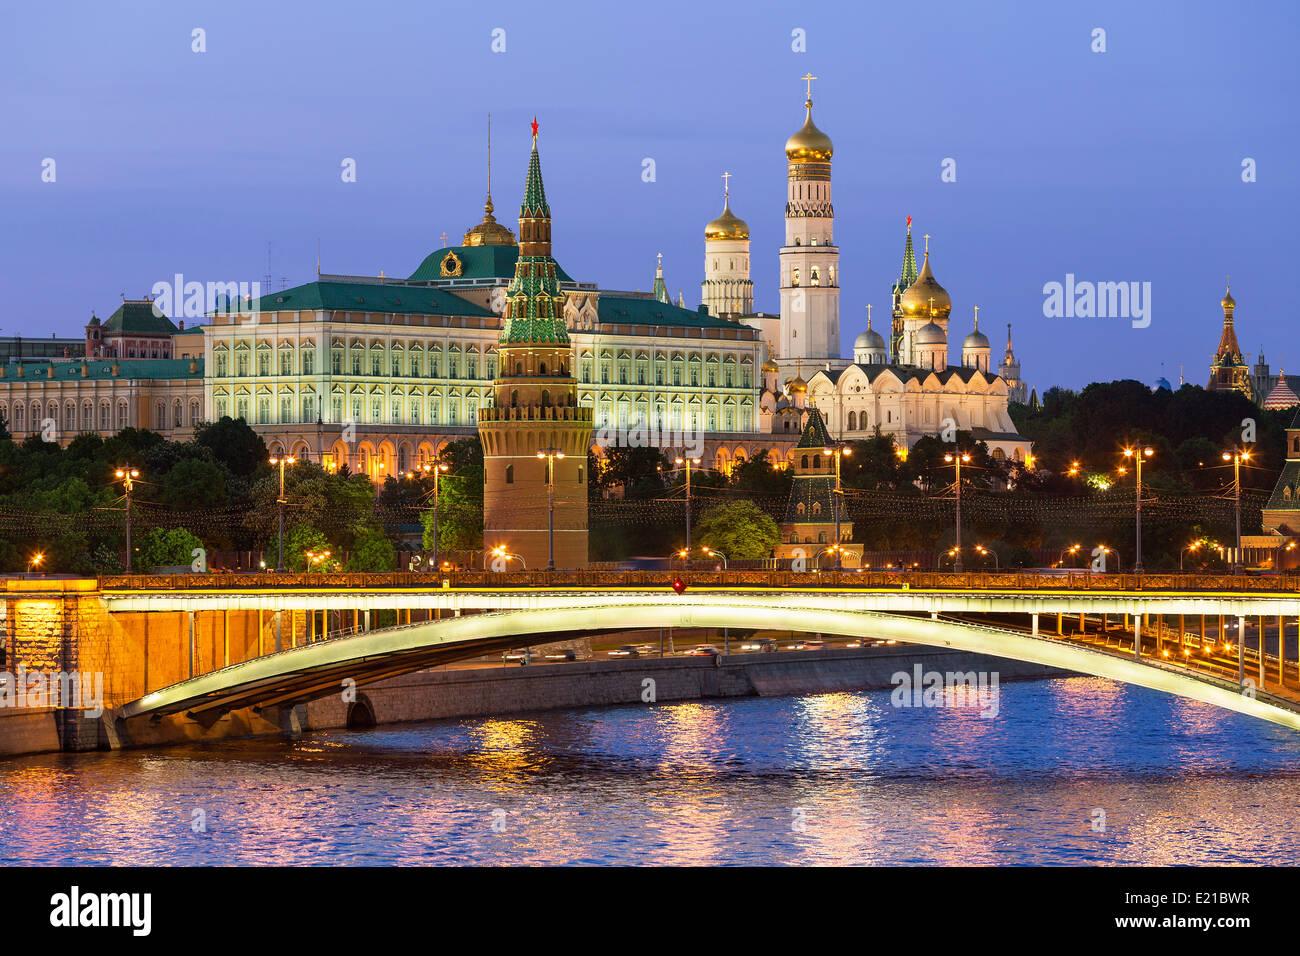 Moscú, el Kremlin y el Río Moscva por noche Imagen De Stock